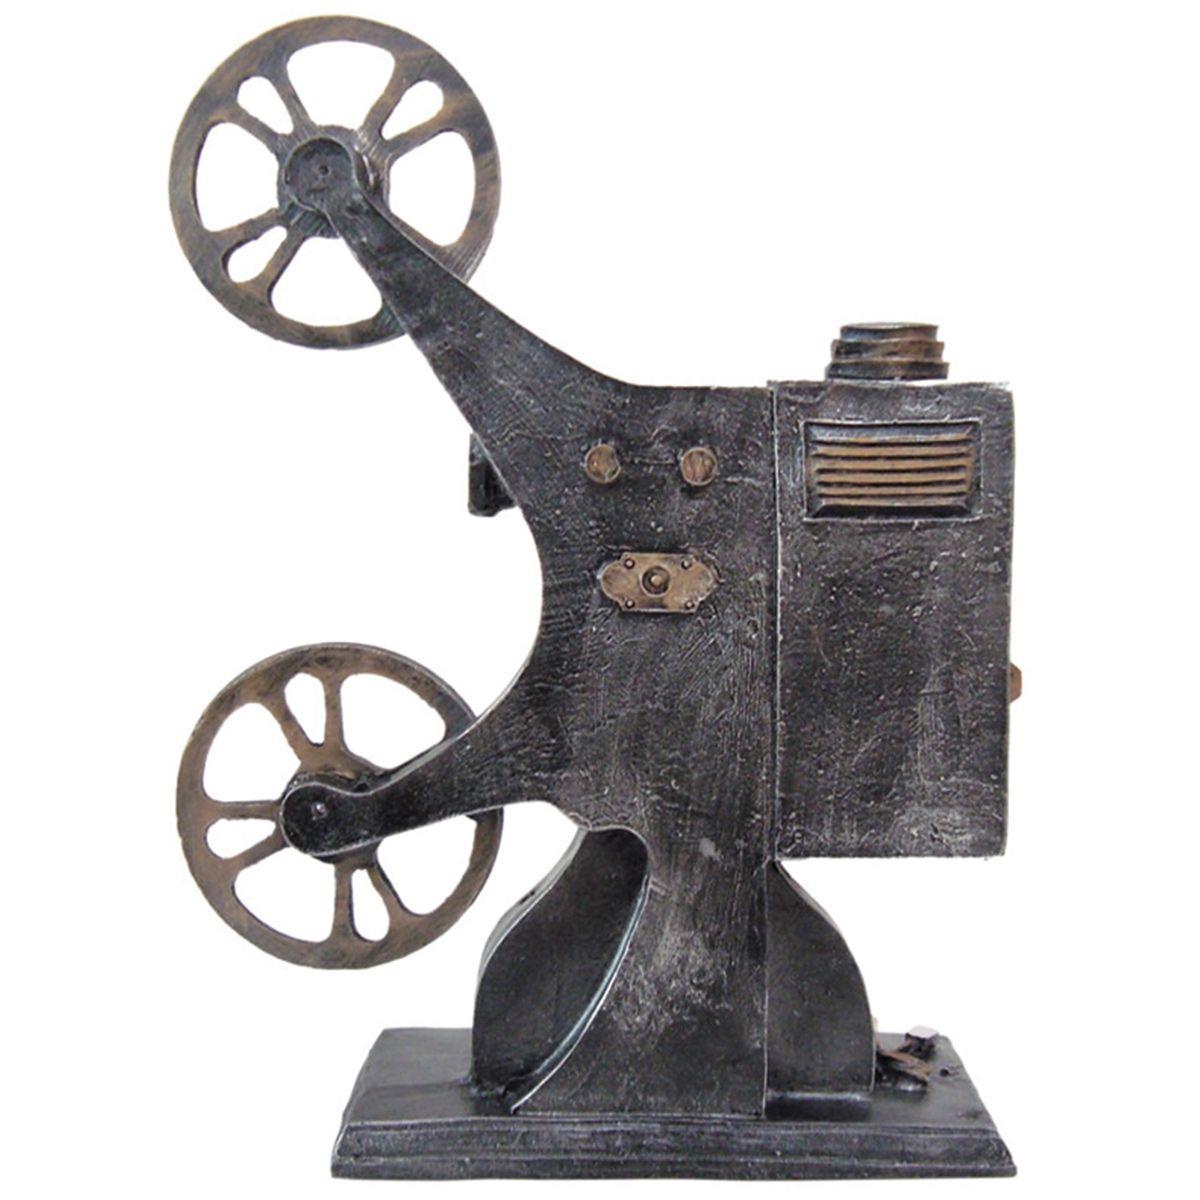 Projetor de Filme Retrô Pura Nostalgia Feito em Resina.